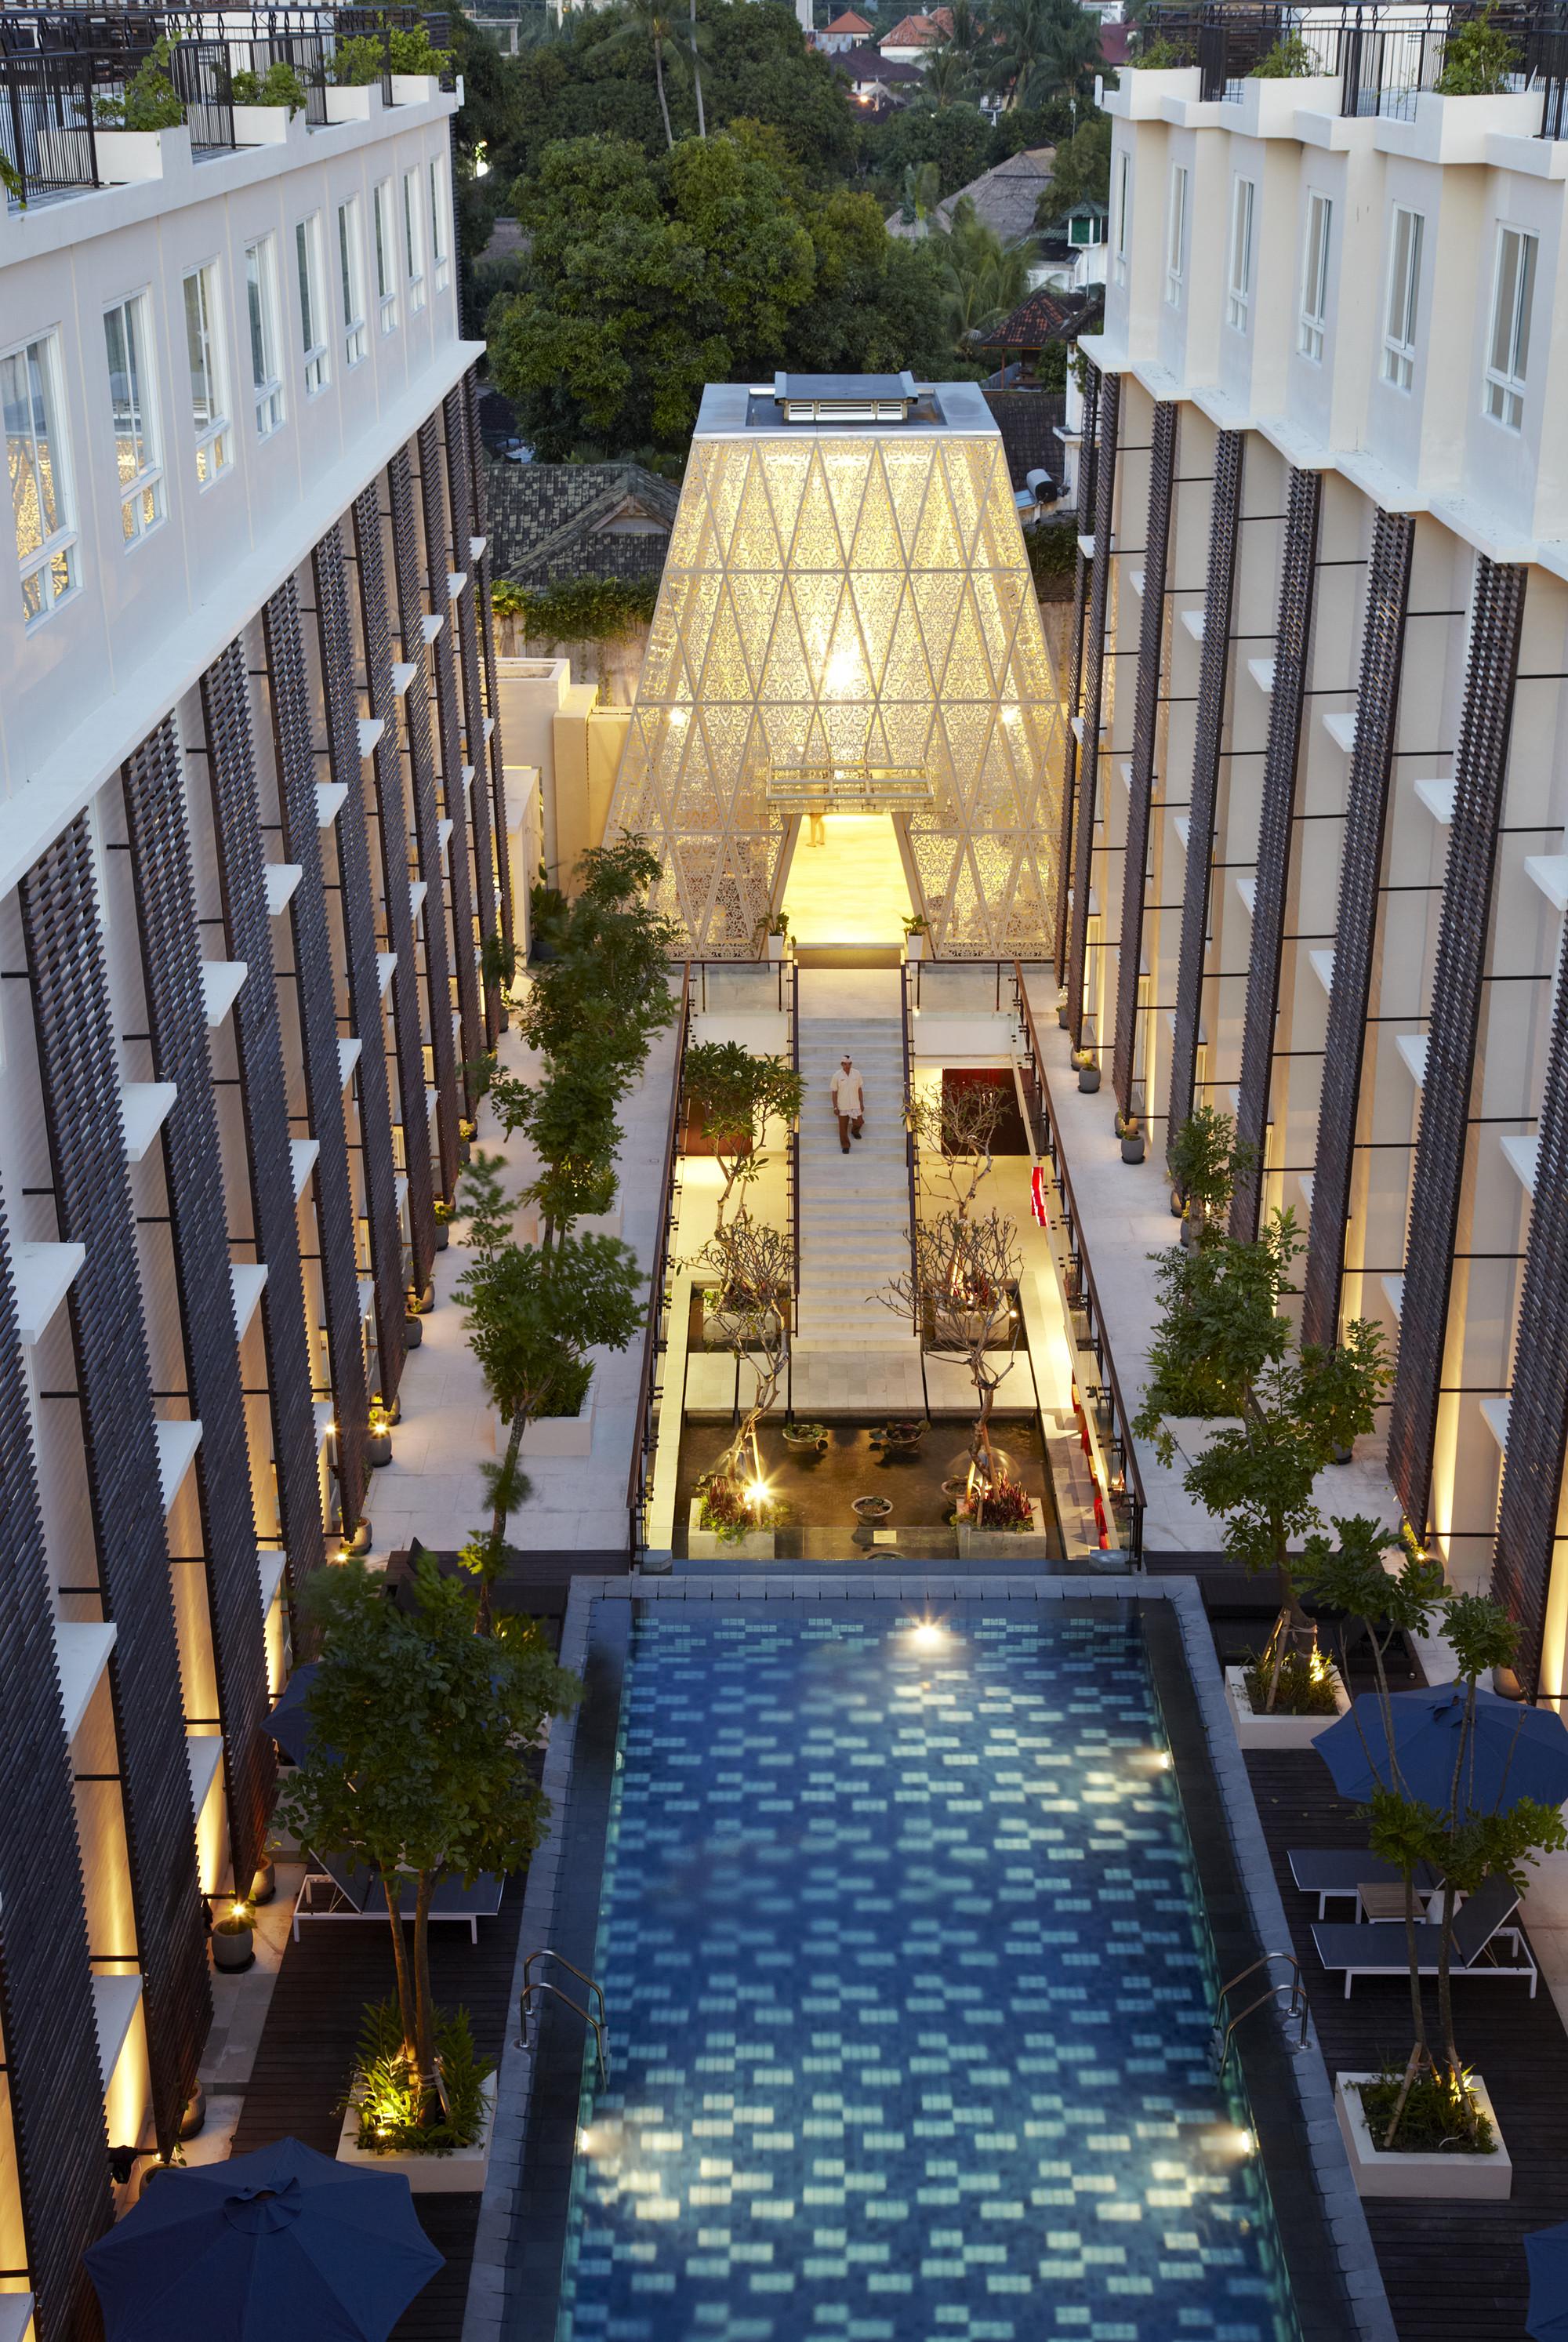 Gallery Of Ananta Legian Hotel Airmas Asri 13